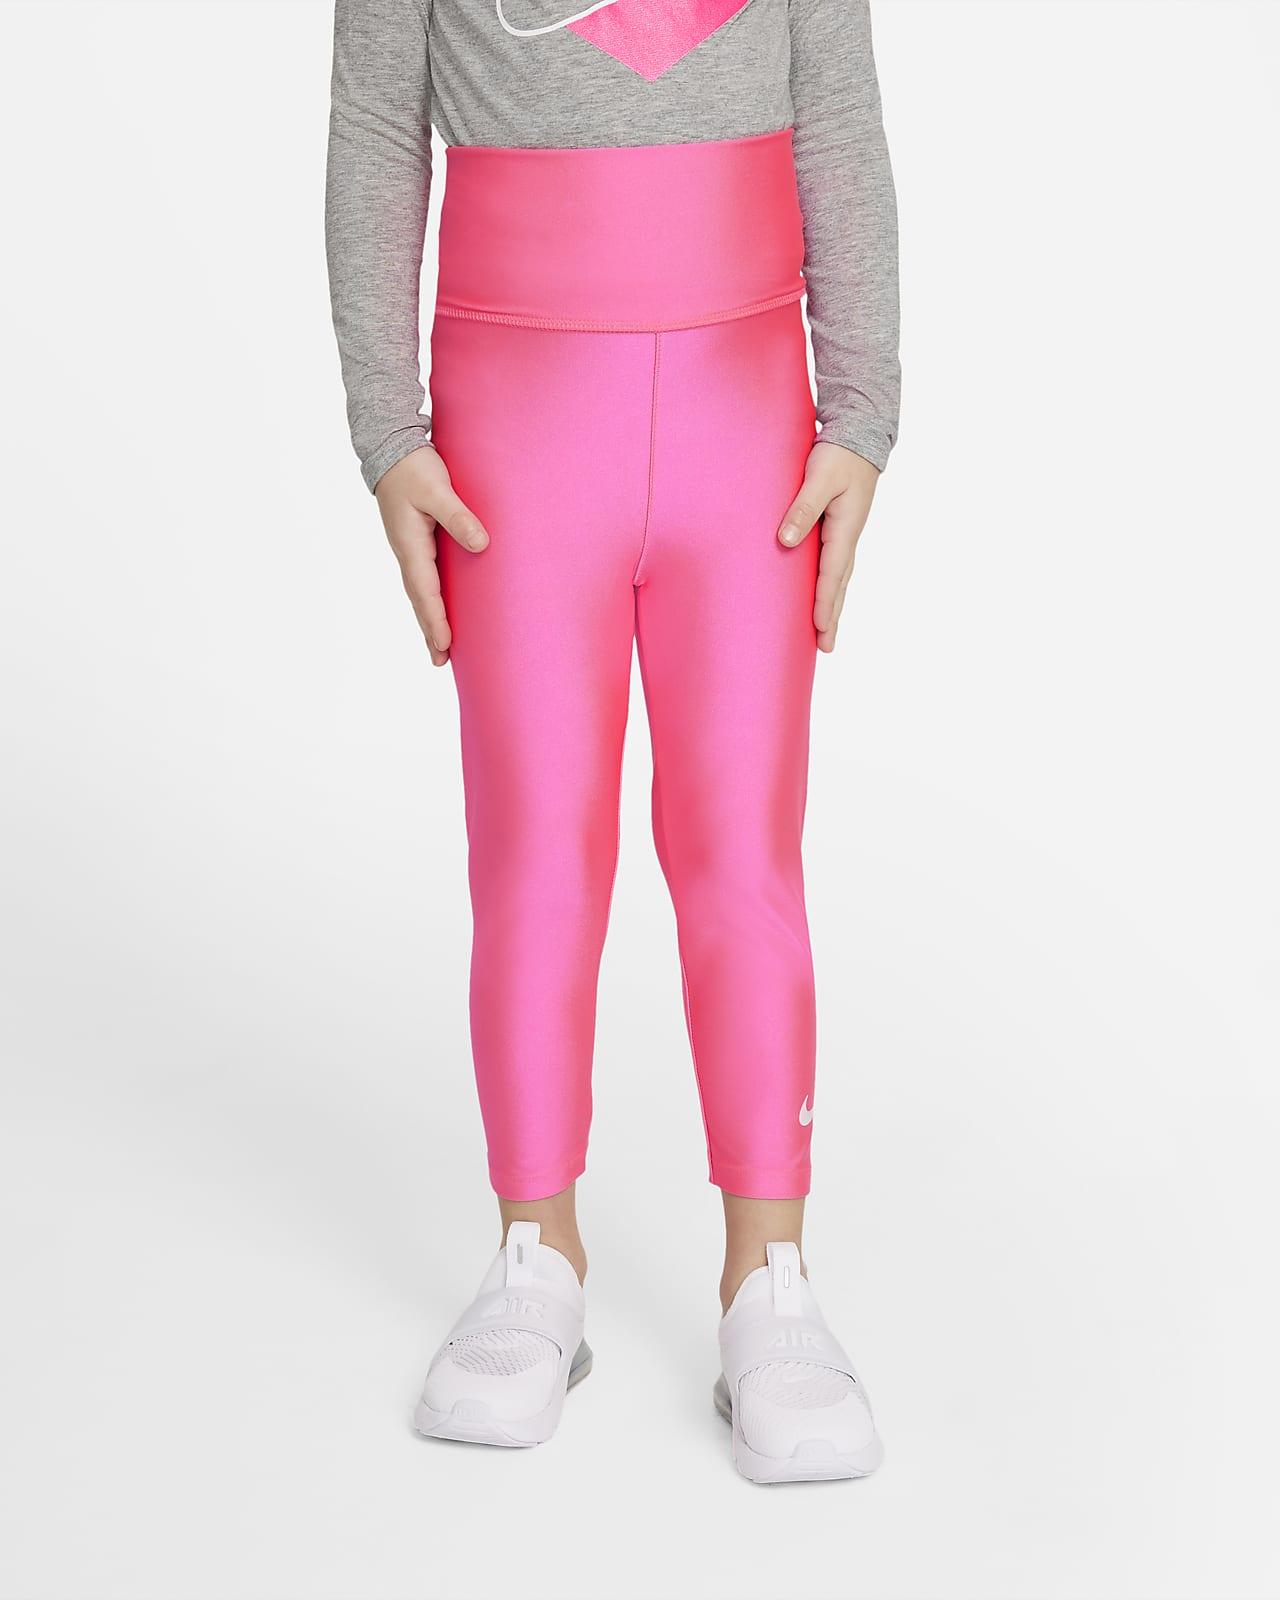 Nike Toddler High-Waisted Leggings